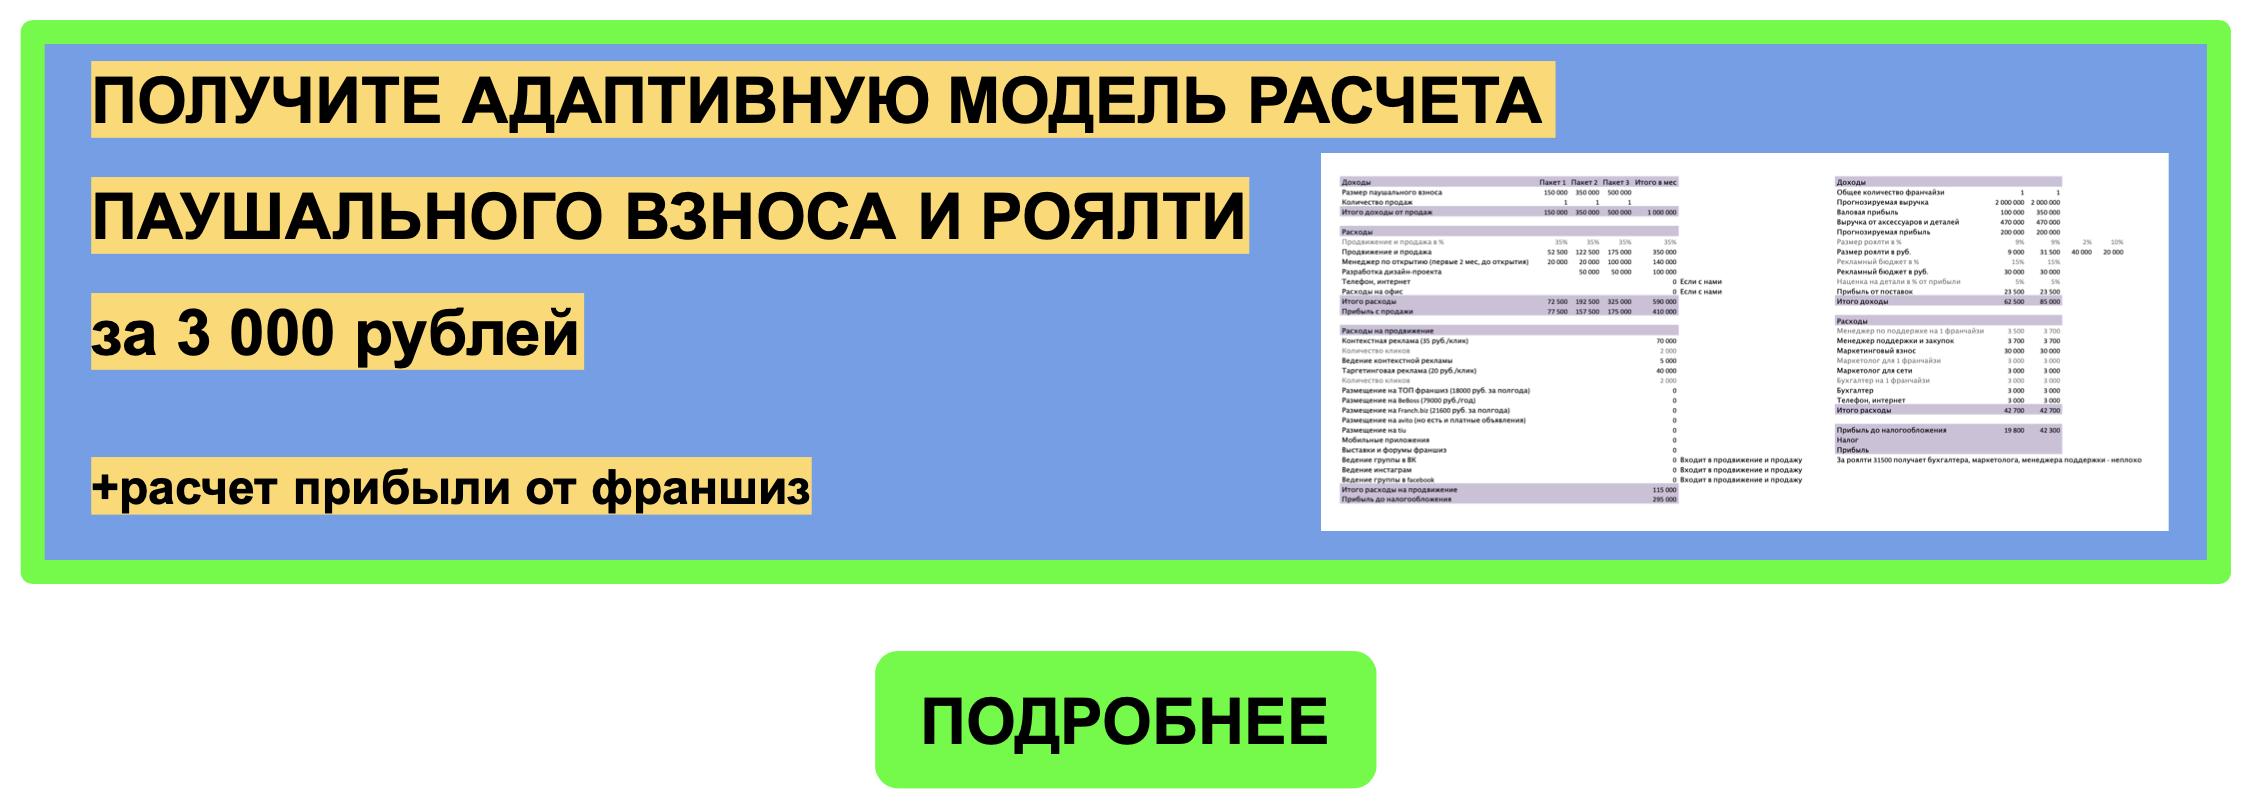 kalkulator-paushalny-vznos-usluga